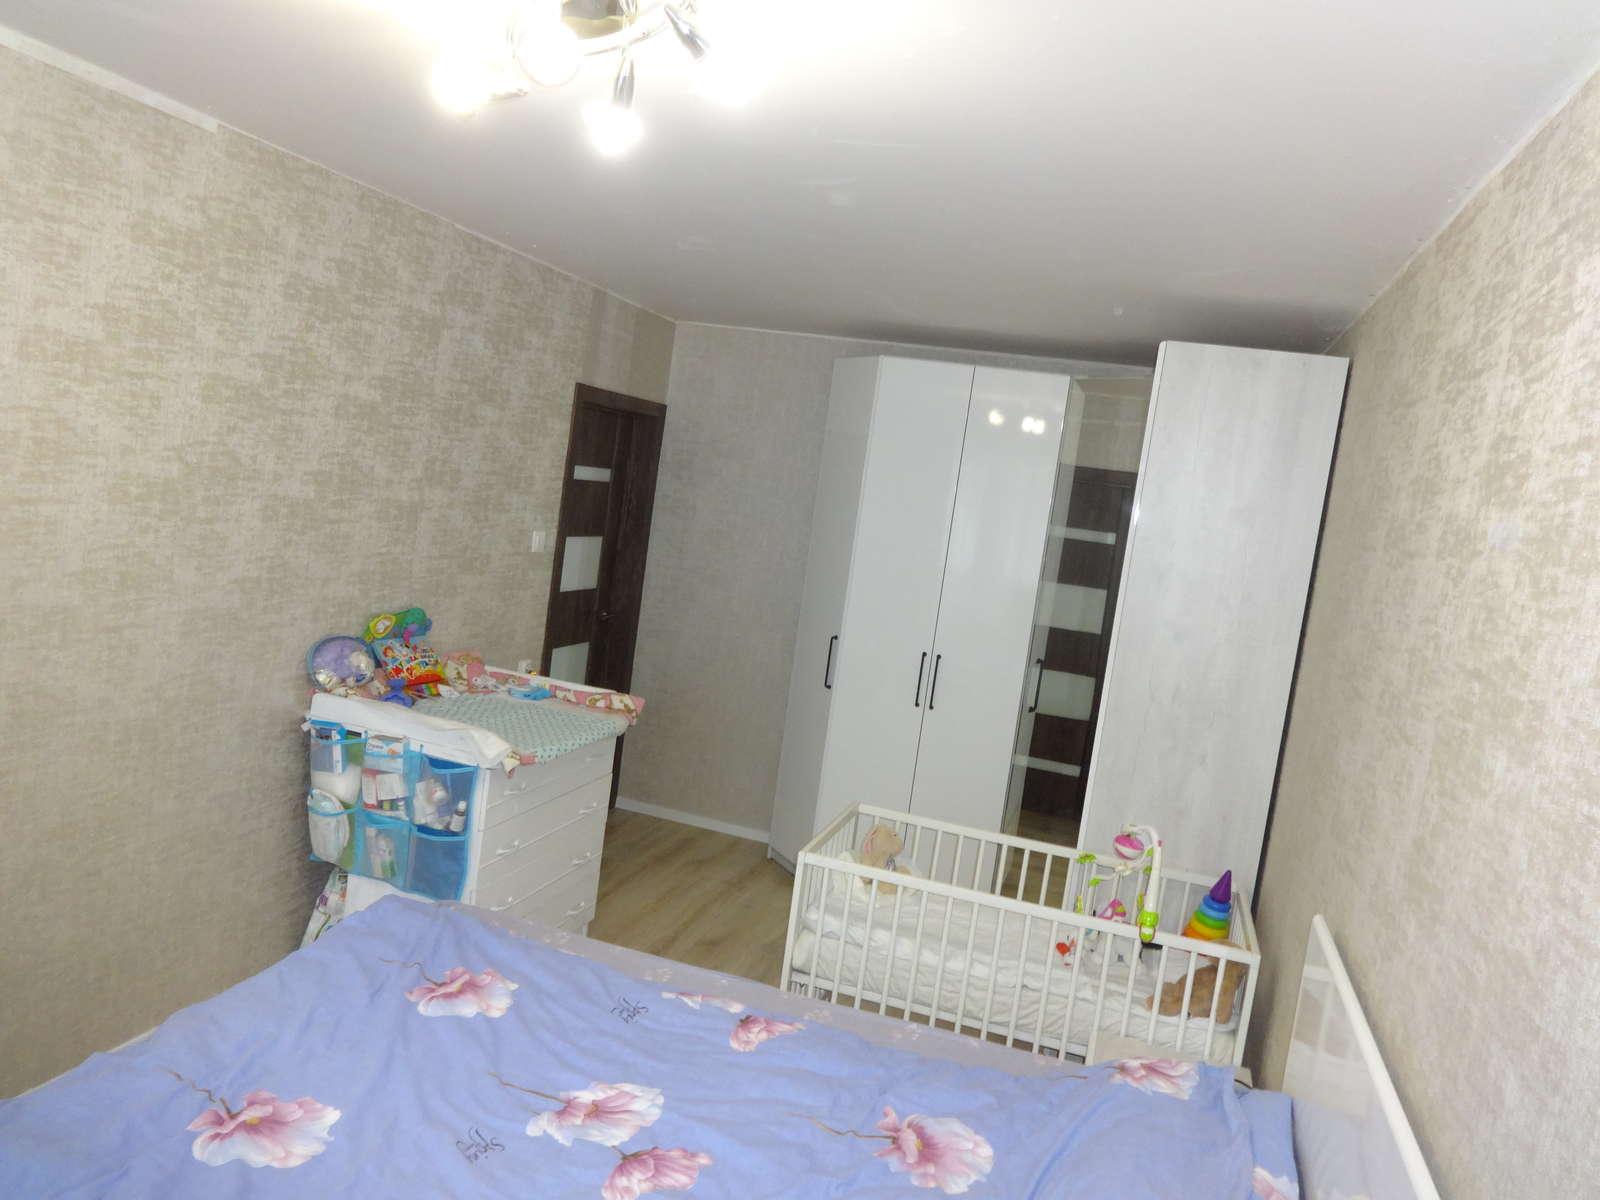 Продажа 3-комнатной квартиры, г. Тольятти, 40 лет Победы улица  дом 15